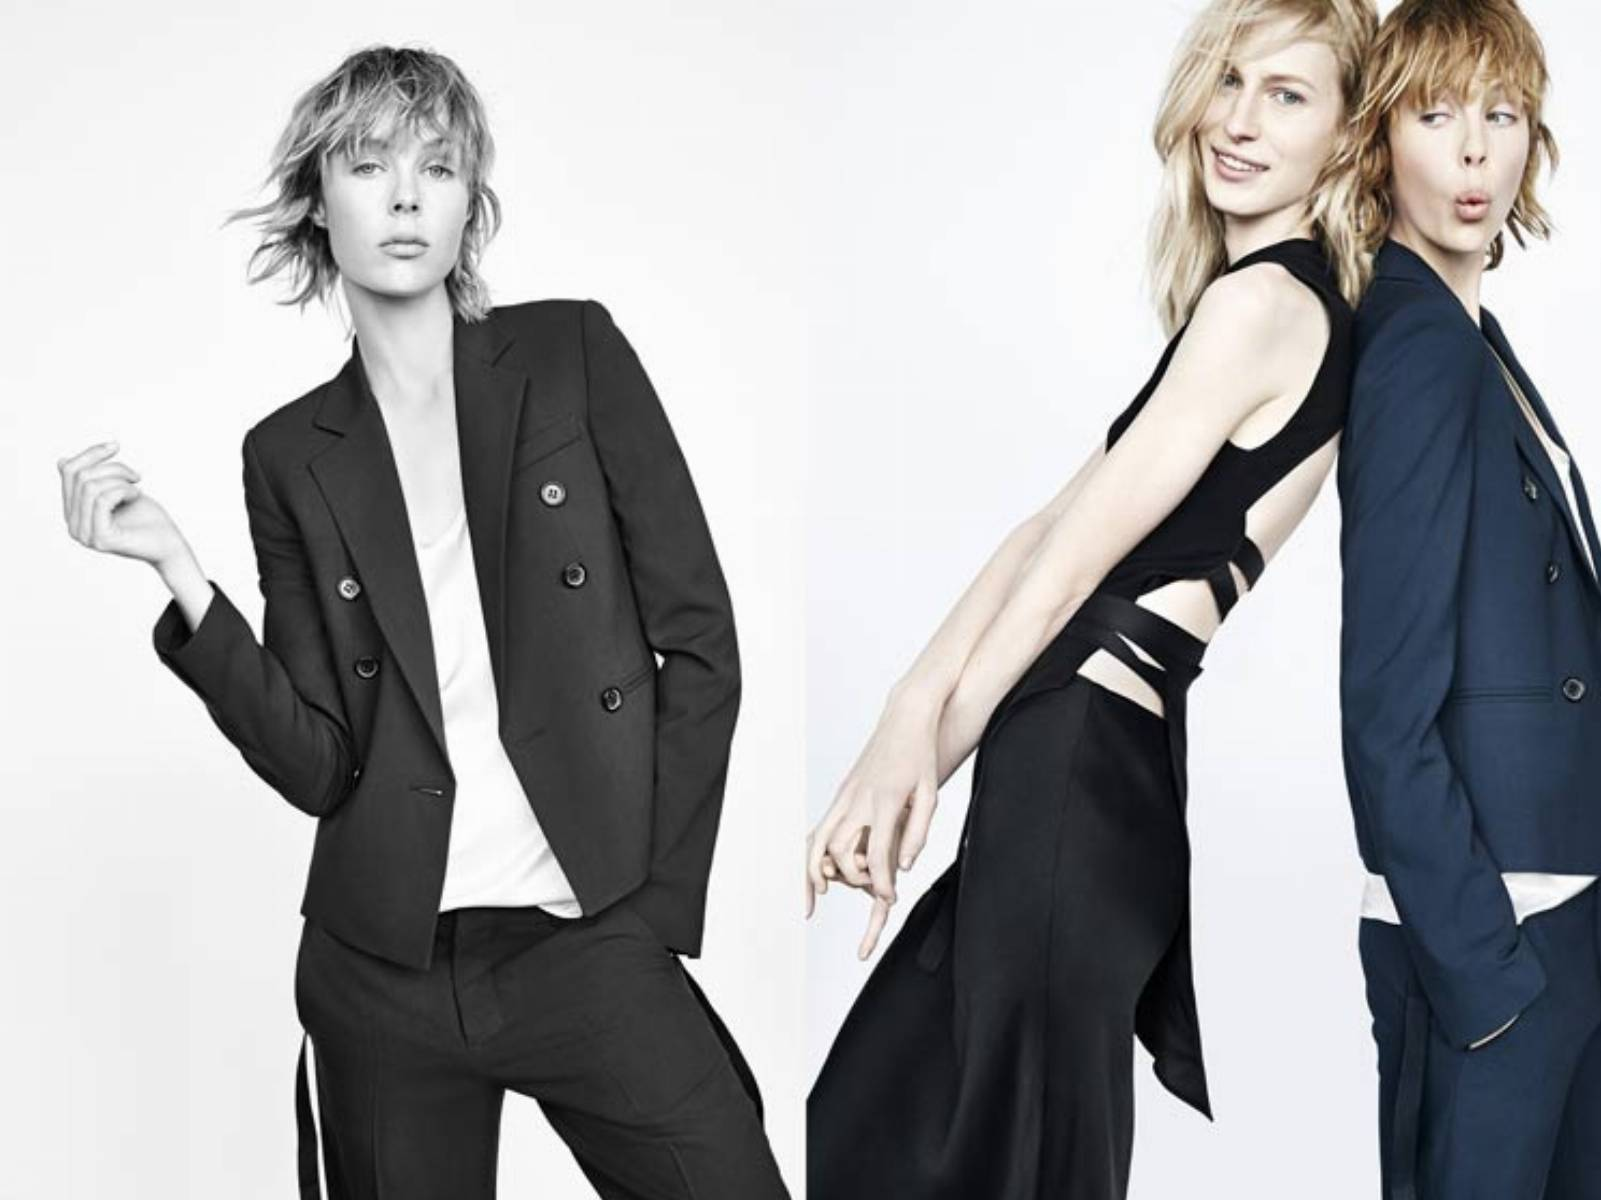 Zara jesien zima 2014 2015 nowa kolekcja (2)